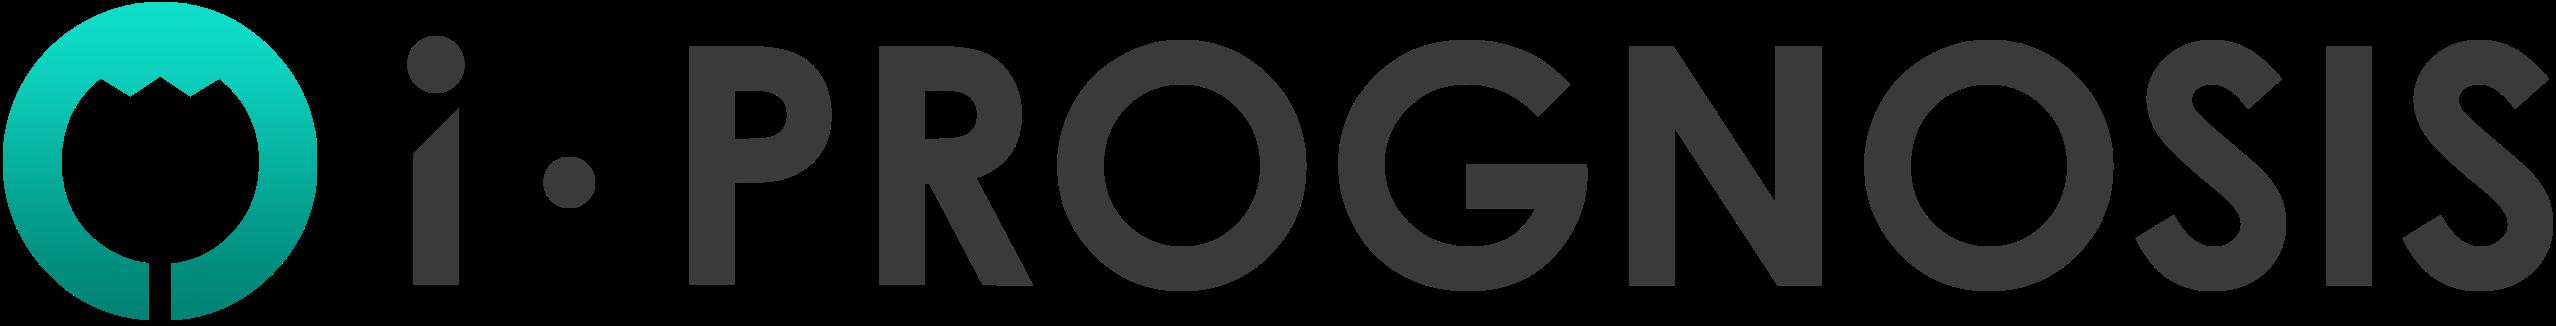 i-PROGNOSIS Logo